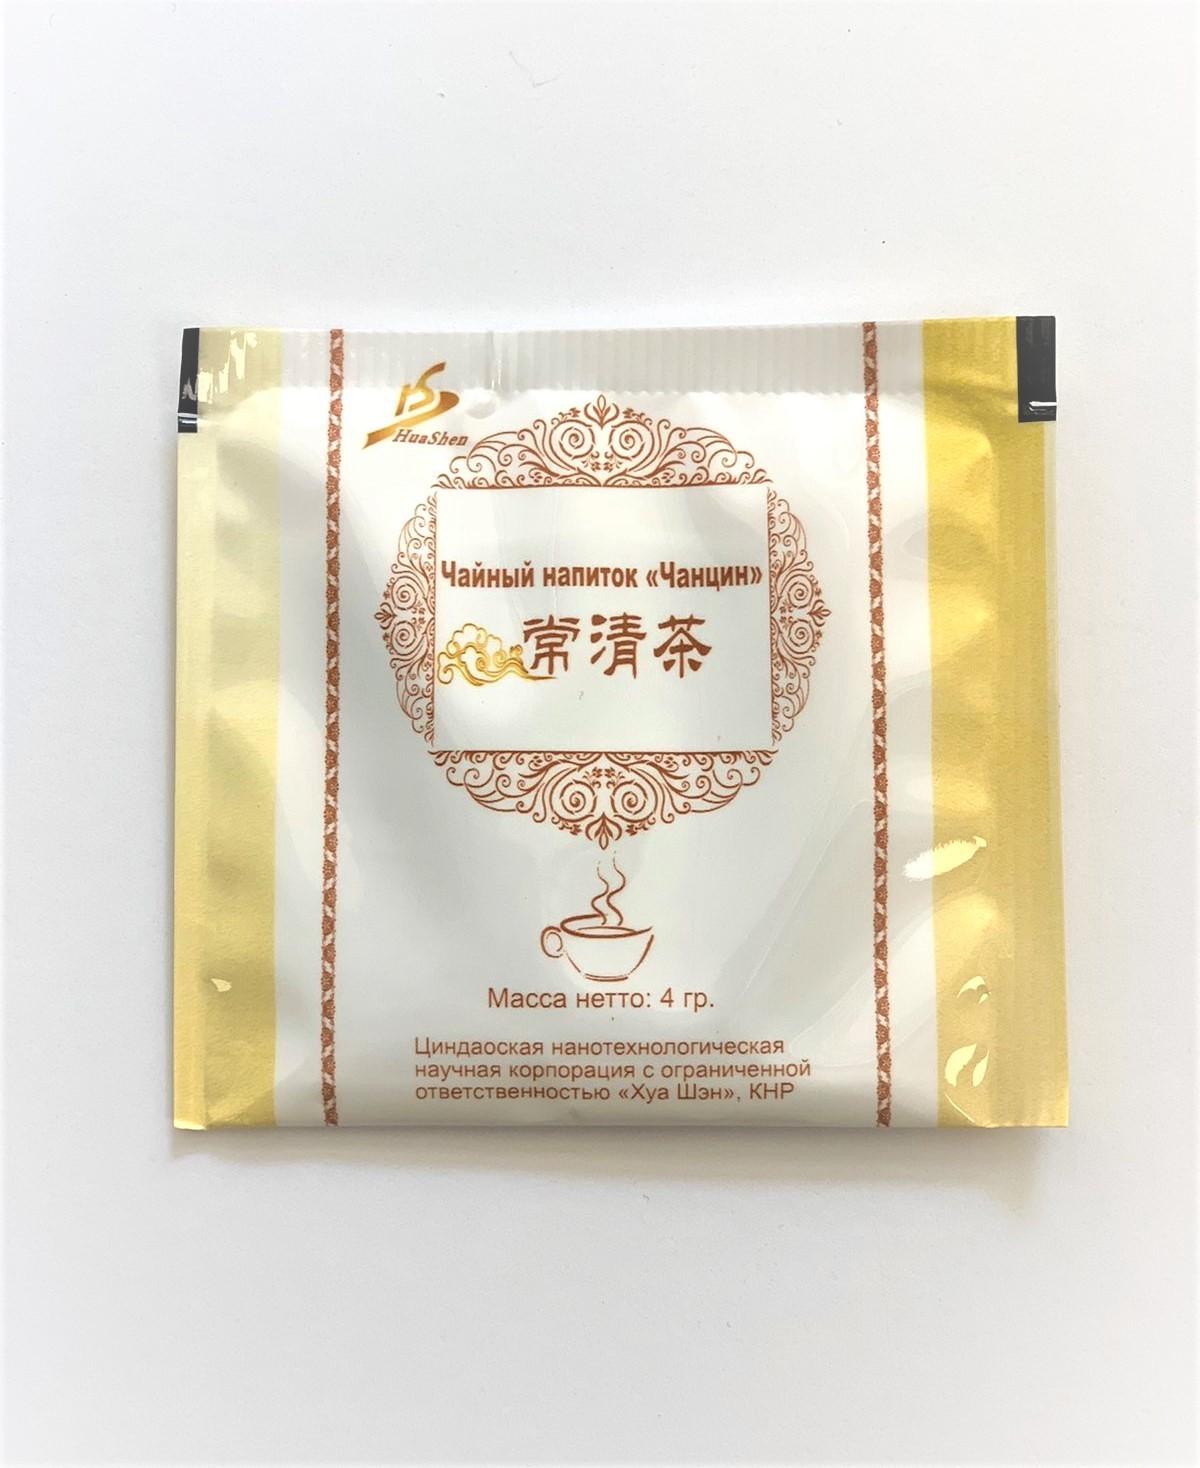 """Чайный напиток """"Чанцин"""" для похудения Япония — фото №1"""